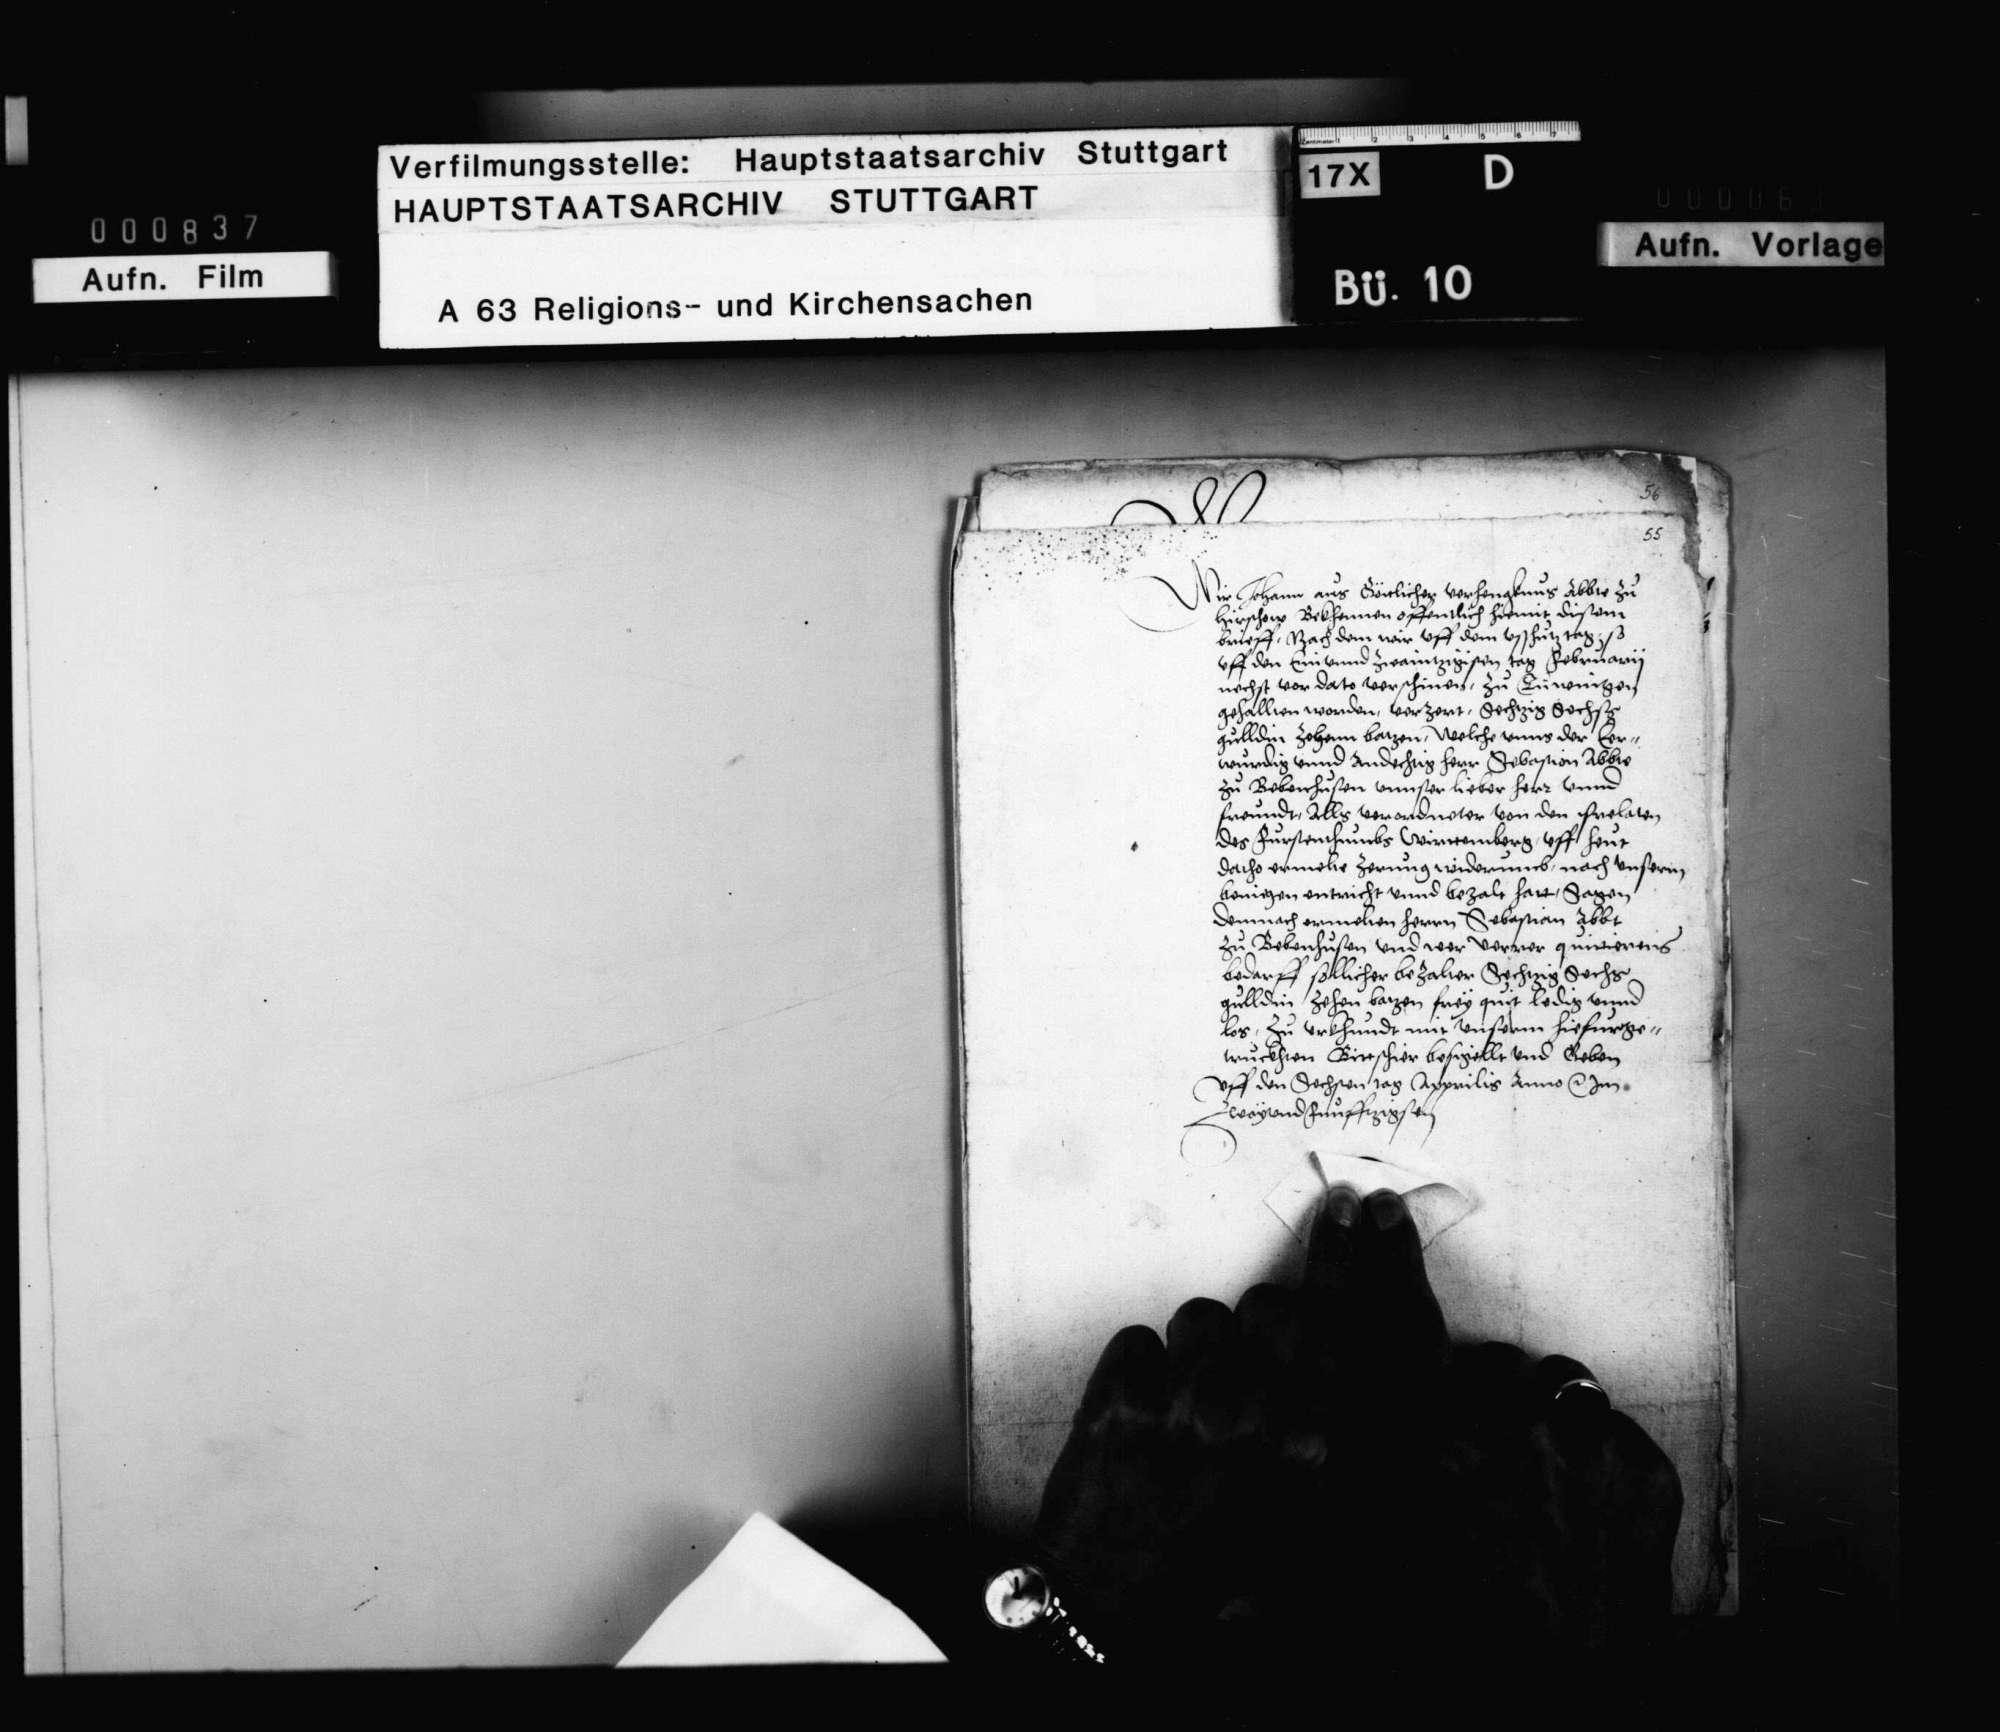 Quittungen der Äbte von Hirsau und Murrhardt über Zehrungsgelder beim Ausschusstag in Tübingen, ausbezahlt von Abt Sebastian Lutz von Bebenhausen als Verordneter der Prälaten des Fürstentums., Bild 2